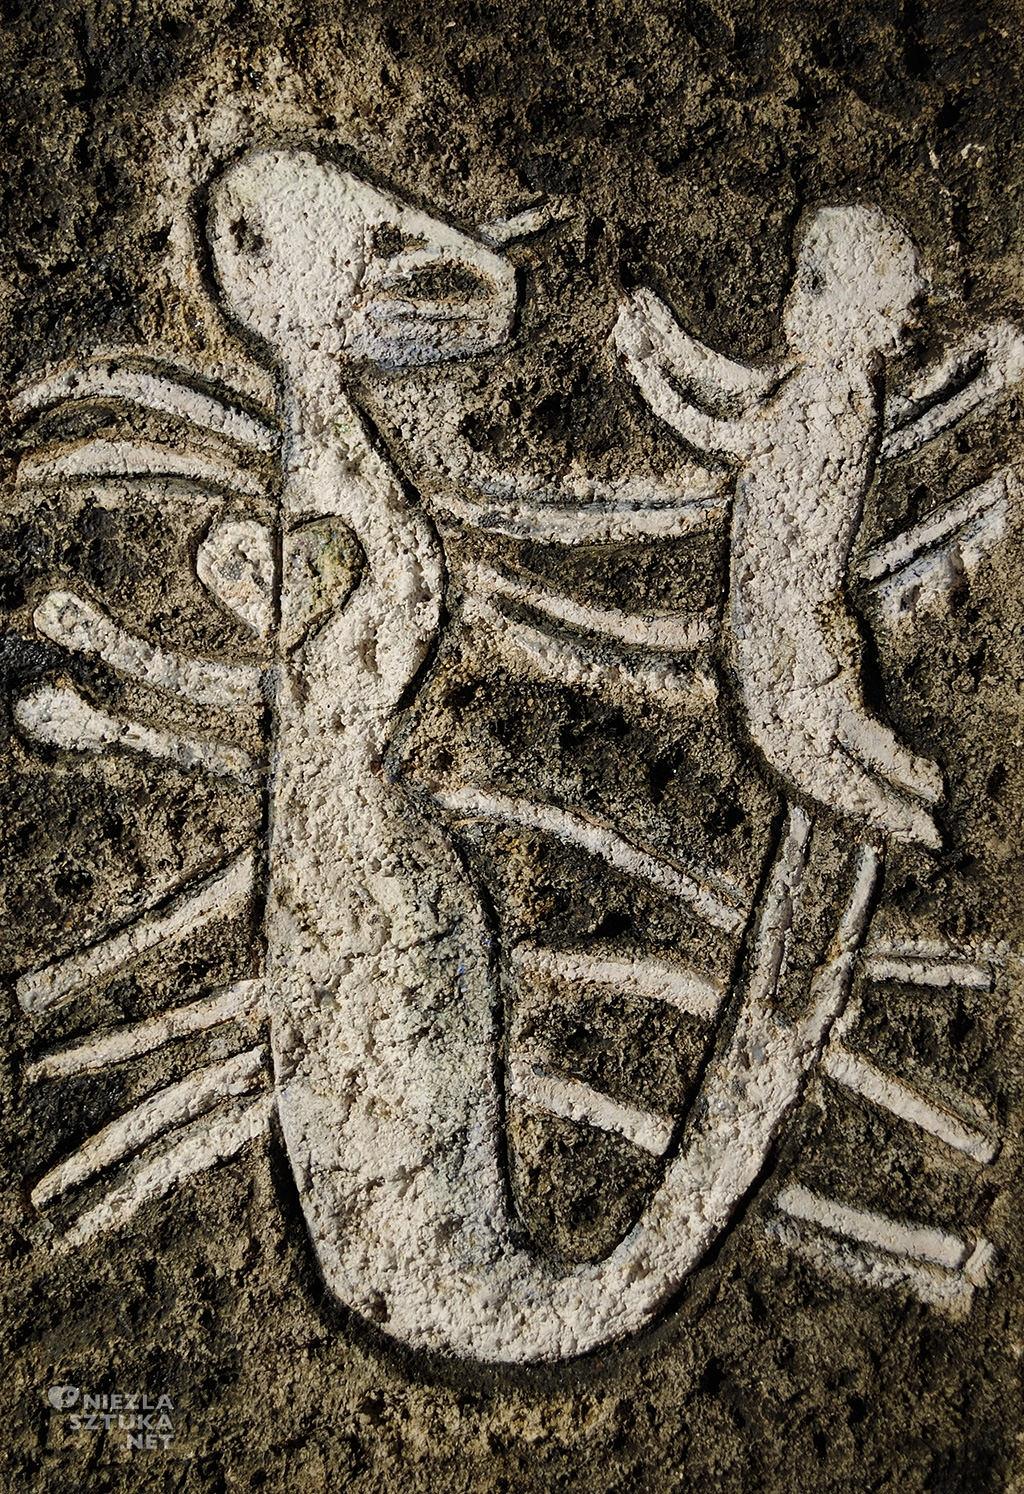 Zofia Czerwosz, Wojciech Czerwosz Syrena z dzieckiem na ogonie na fali | 1979, szamot szkliwiony, szer. 31 cm x 44 cm długości; grubość: 2 cm